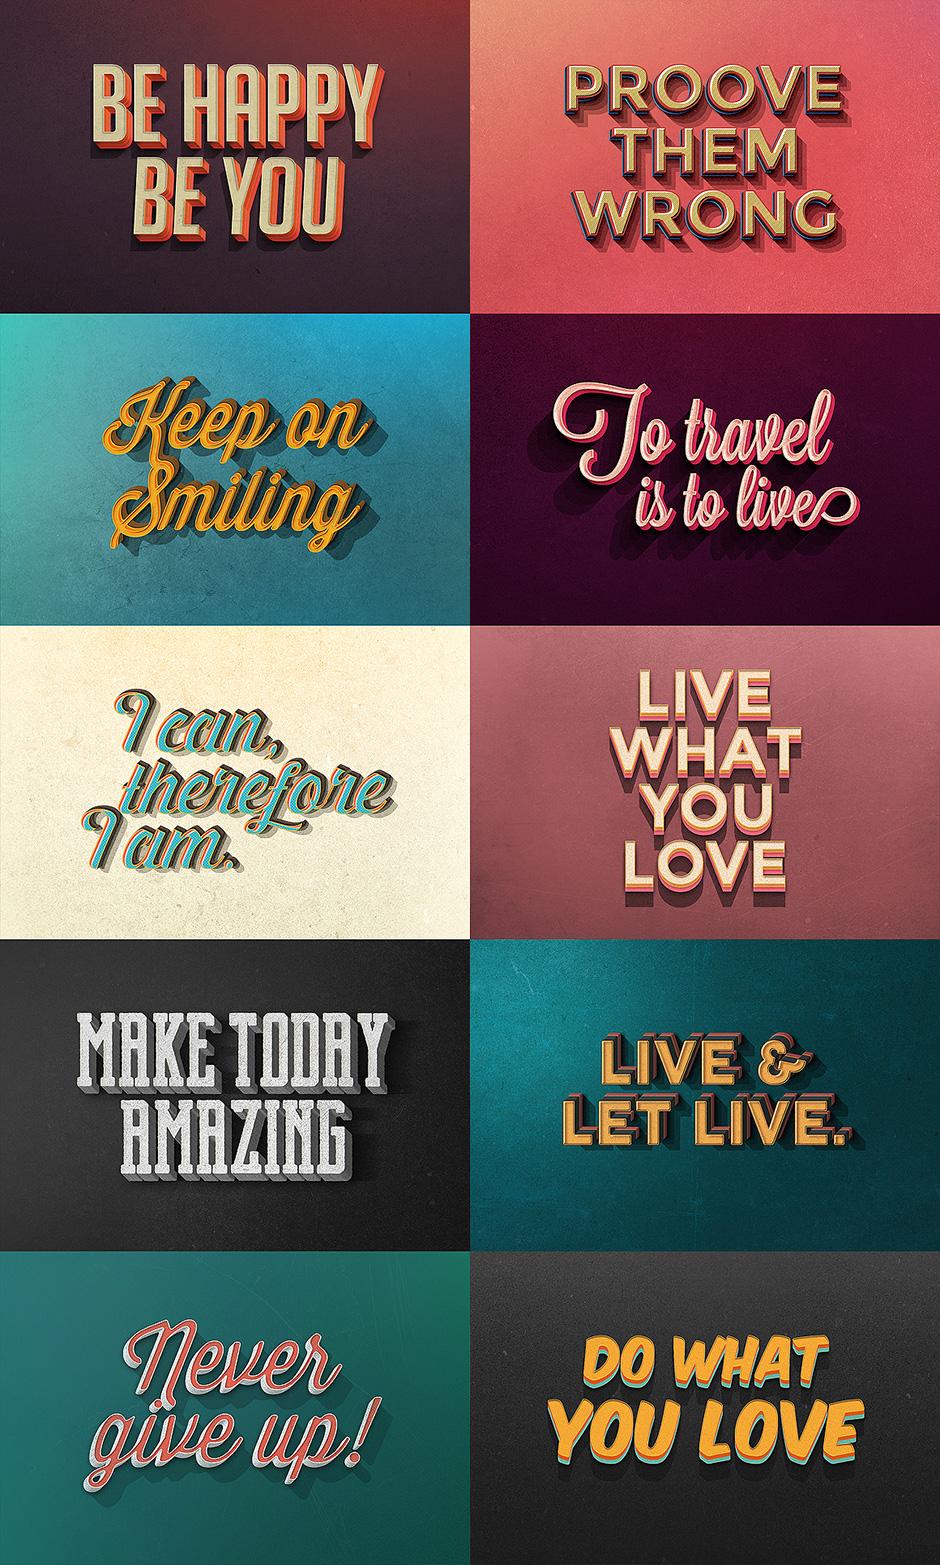 Efek Tulisan Photoshop Keren : tulisan, photoshop, keren, Effect, Downloads, Simply, Awesome